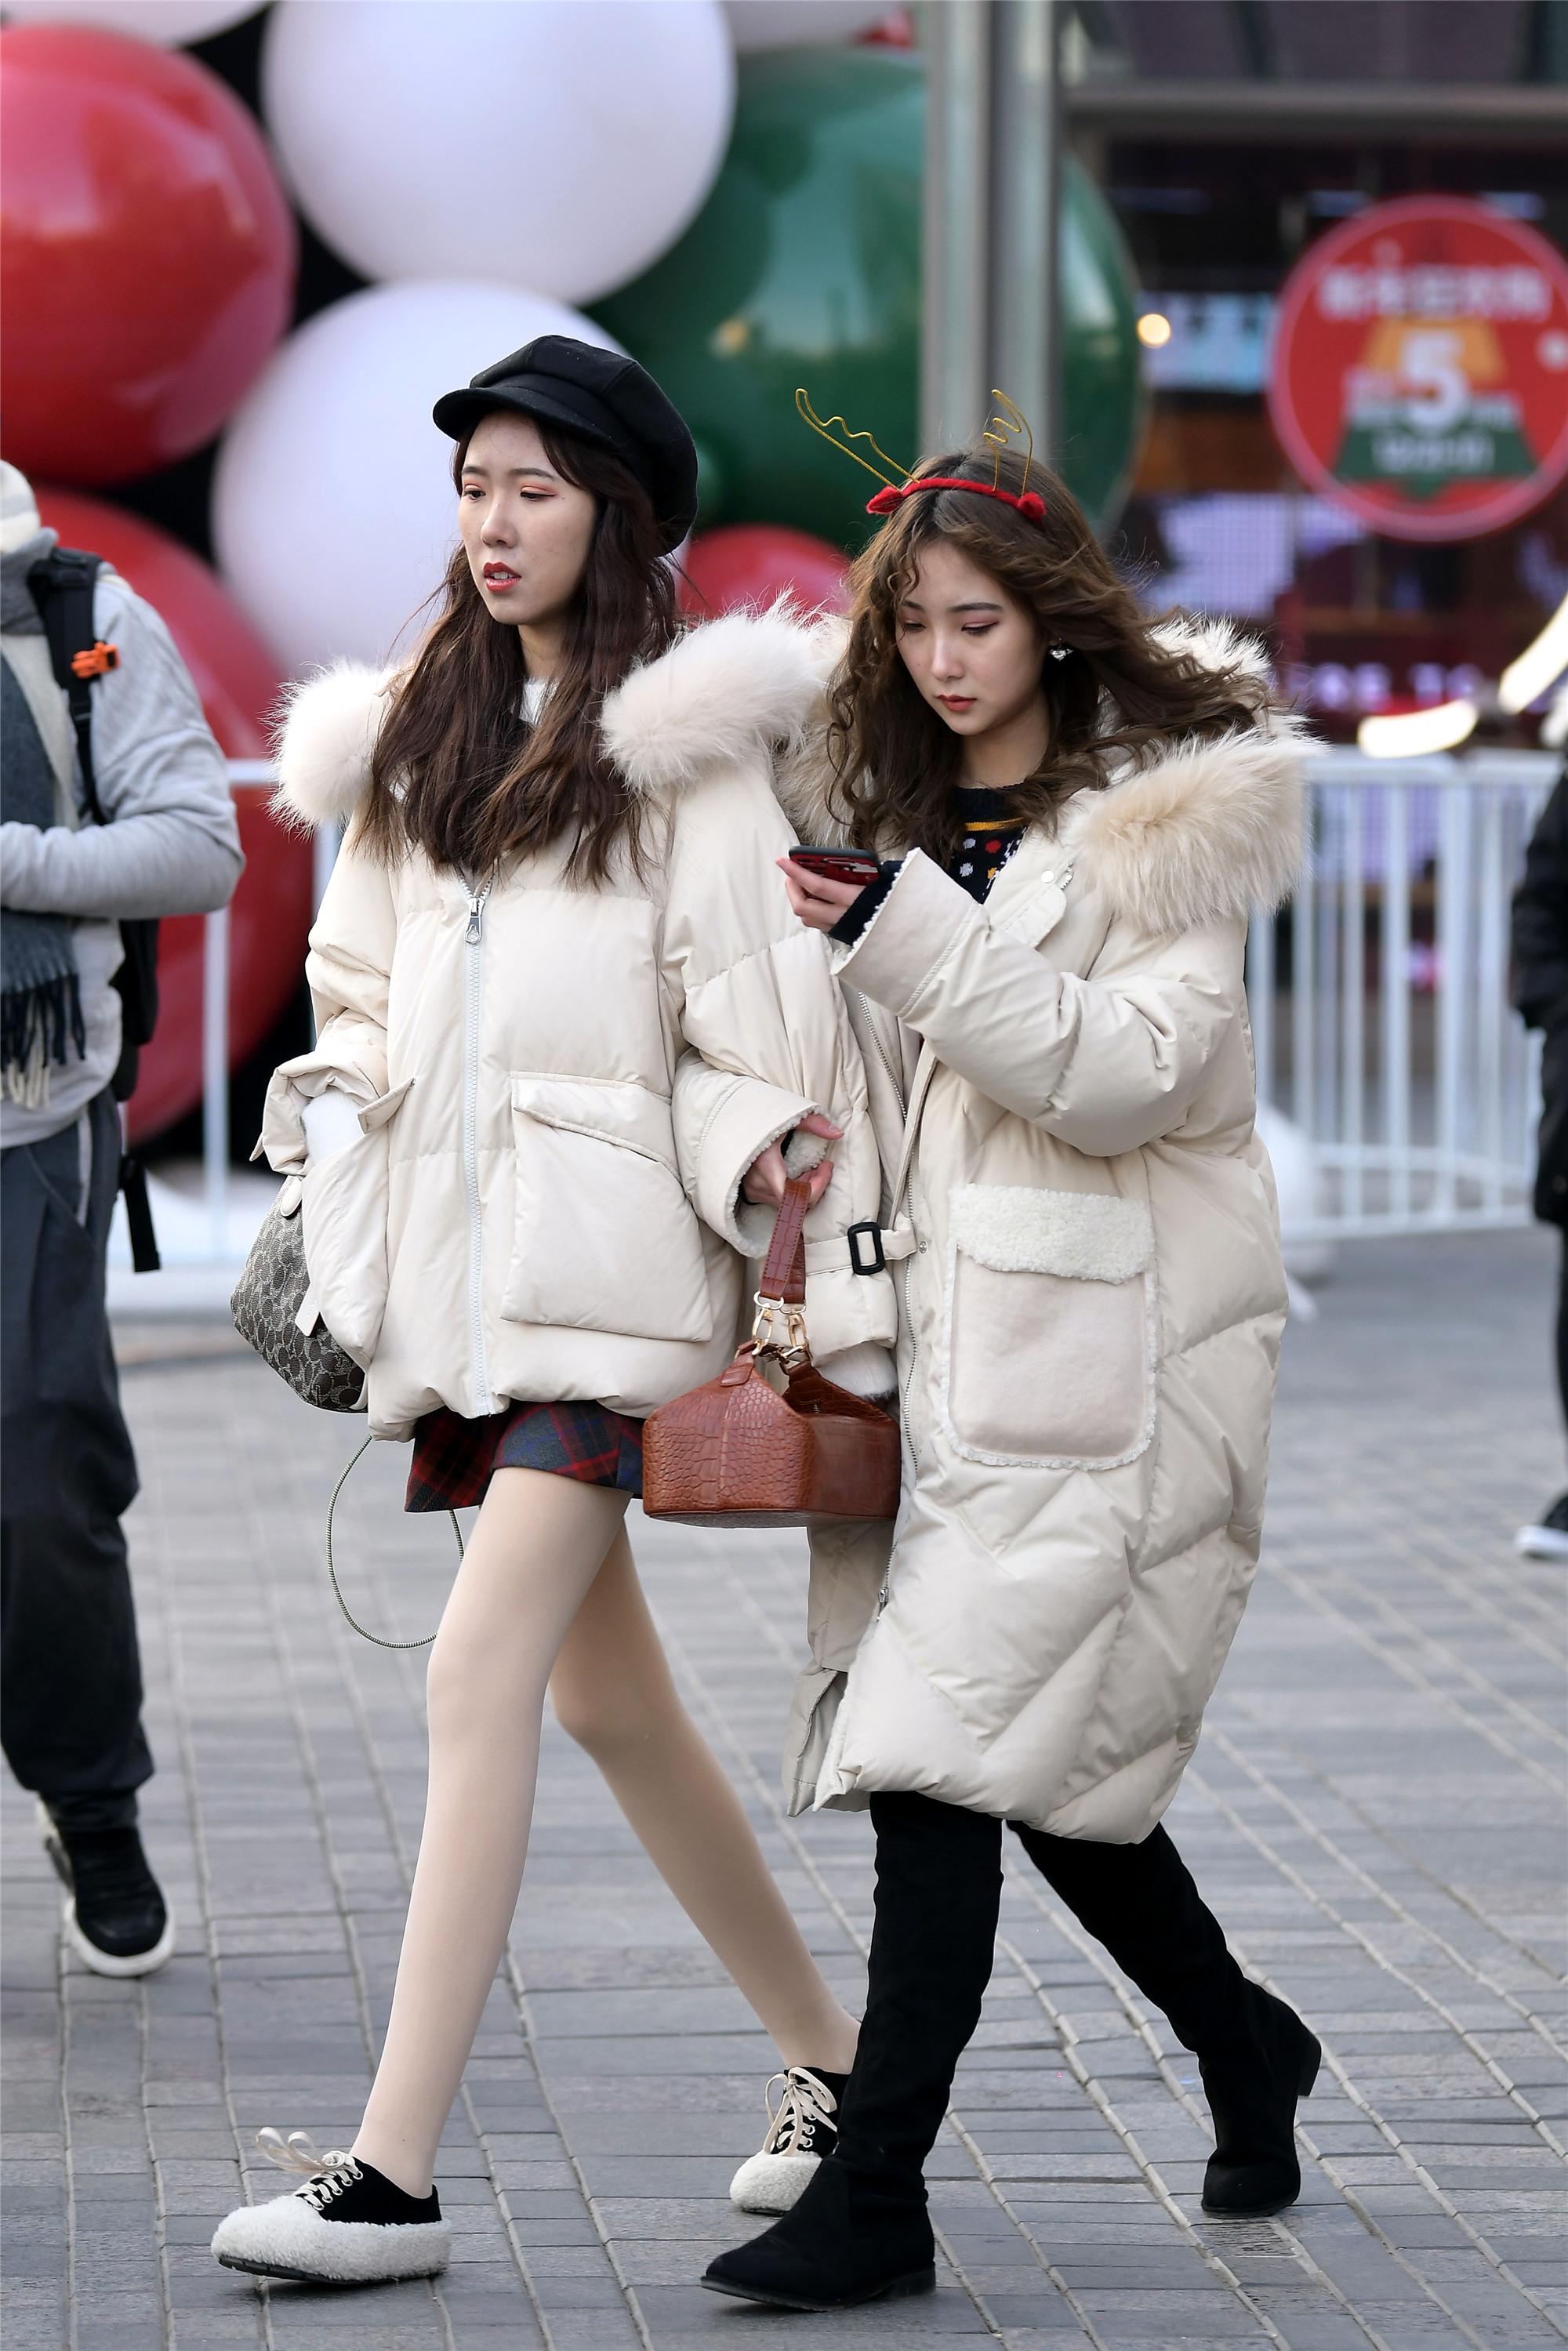 如果闺蜜约你穿平底鞋去逛街,你会很开心的接受么?